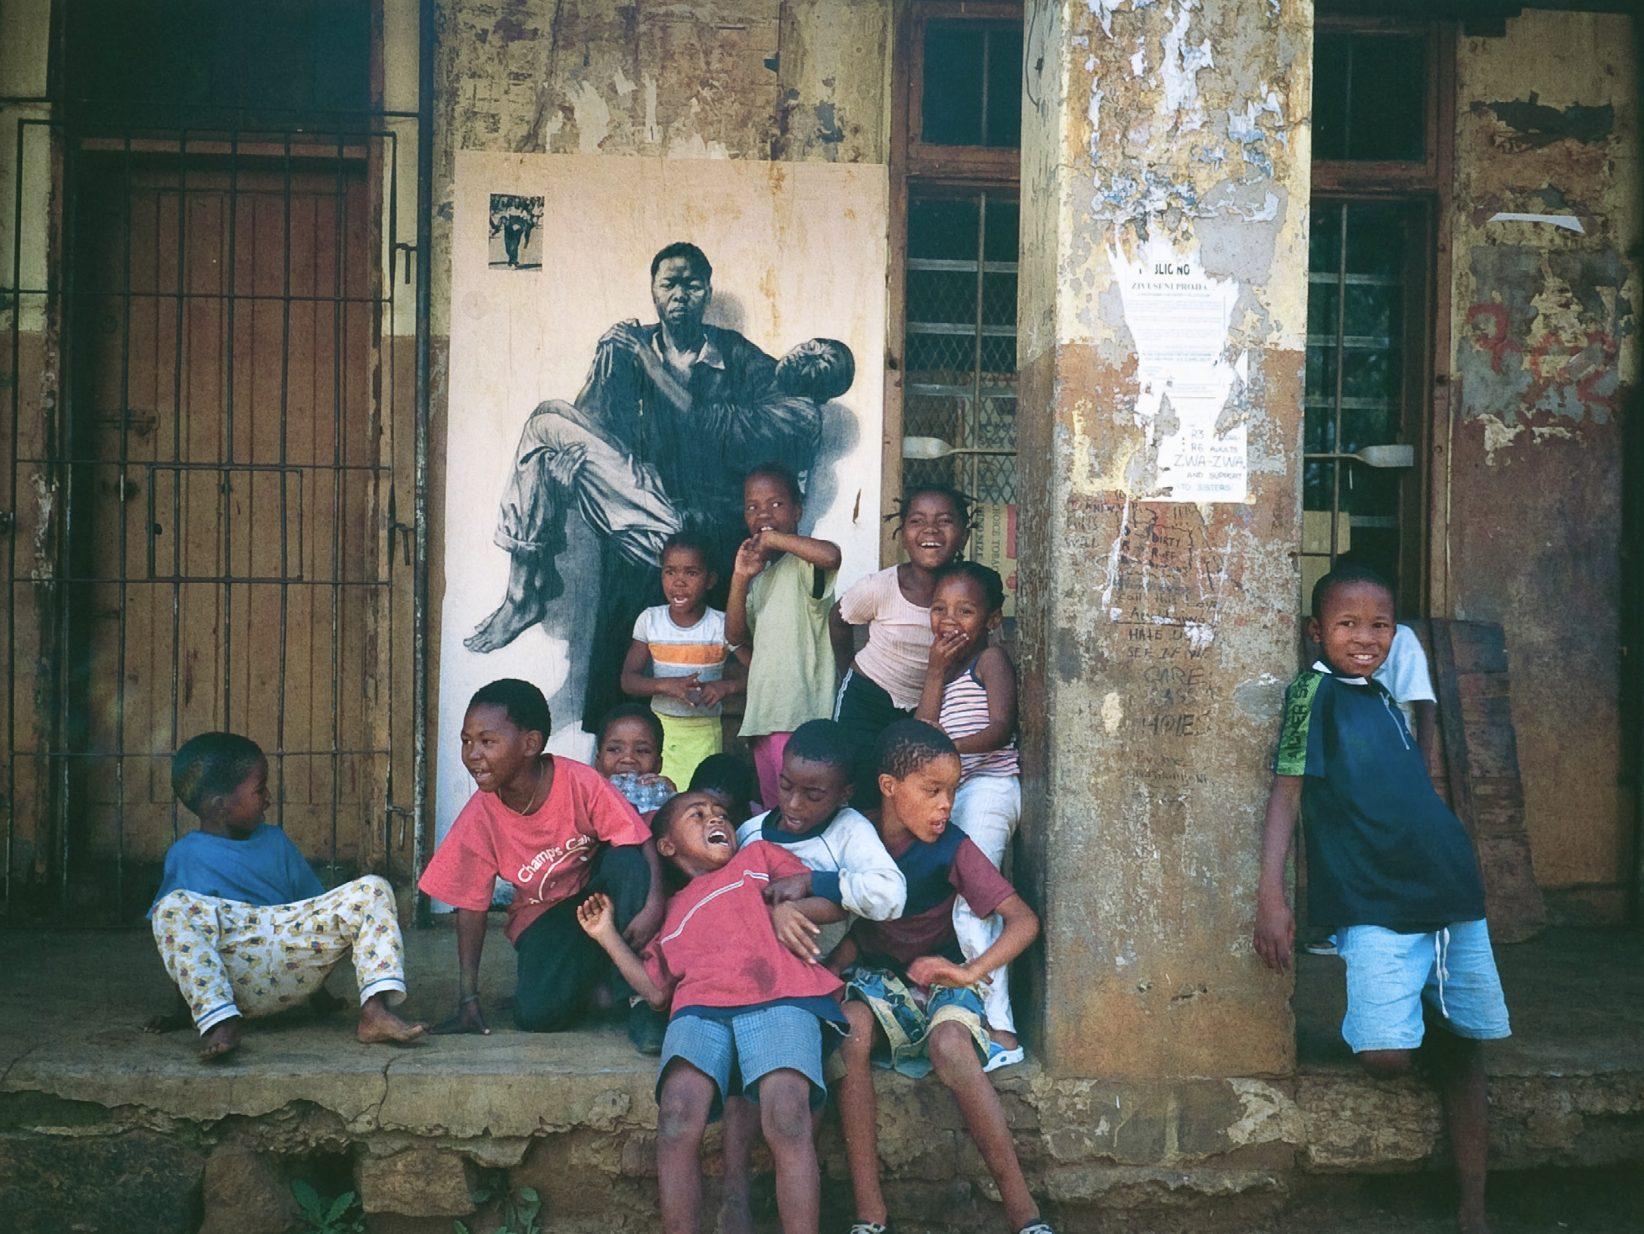 Photographie de la ville de Kliptown, en Afrique du sud. Derrière un groupe d'enfant souriants, un dessin est collé au mur. Une femme noire y porte le cadavre d'un homme.